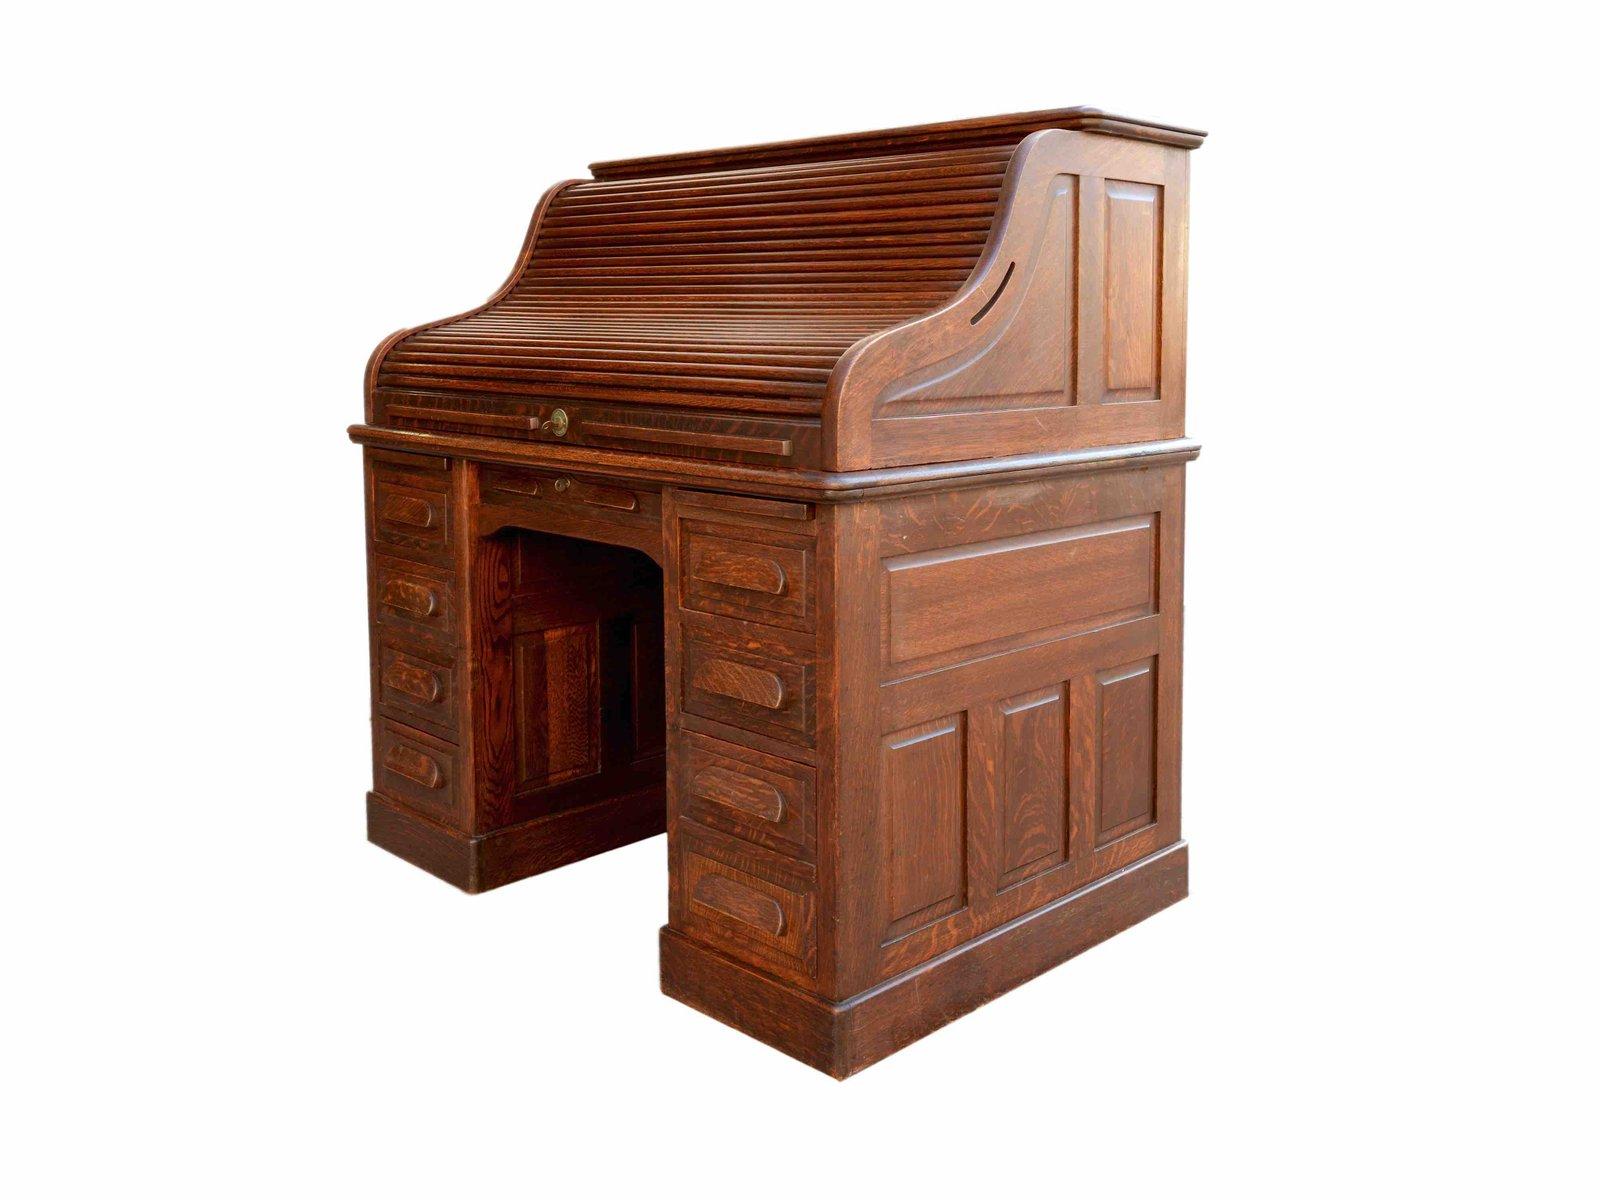 amerikanischer eiche schreibtisch mit rollt r 1940er bei pamono kaufen. Black Bedroom Furniture Sets. Home Design Ideas